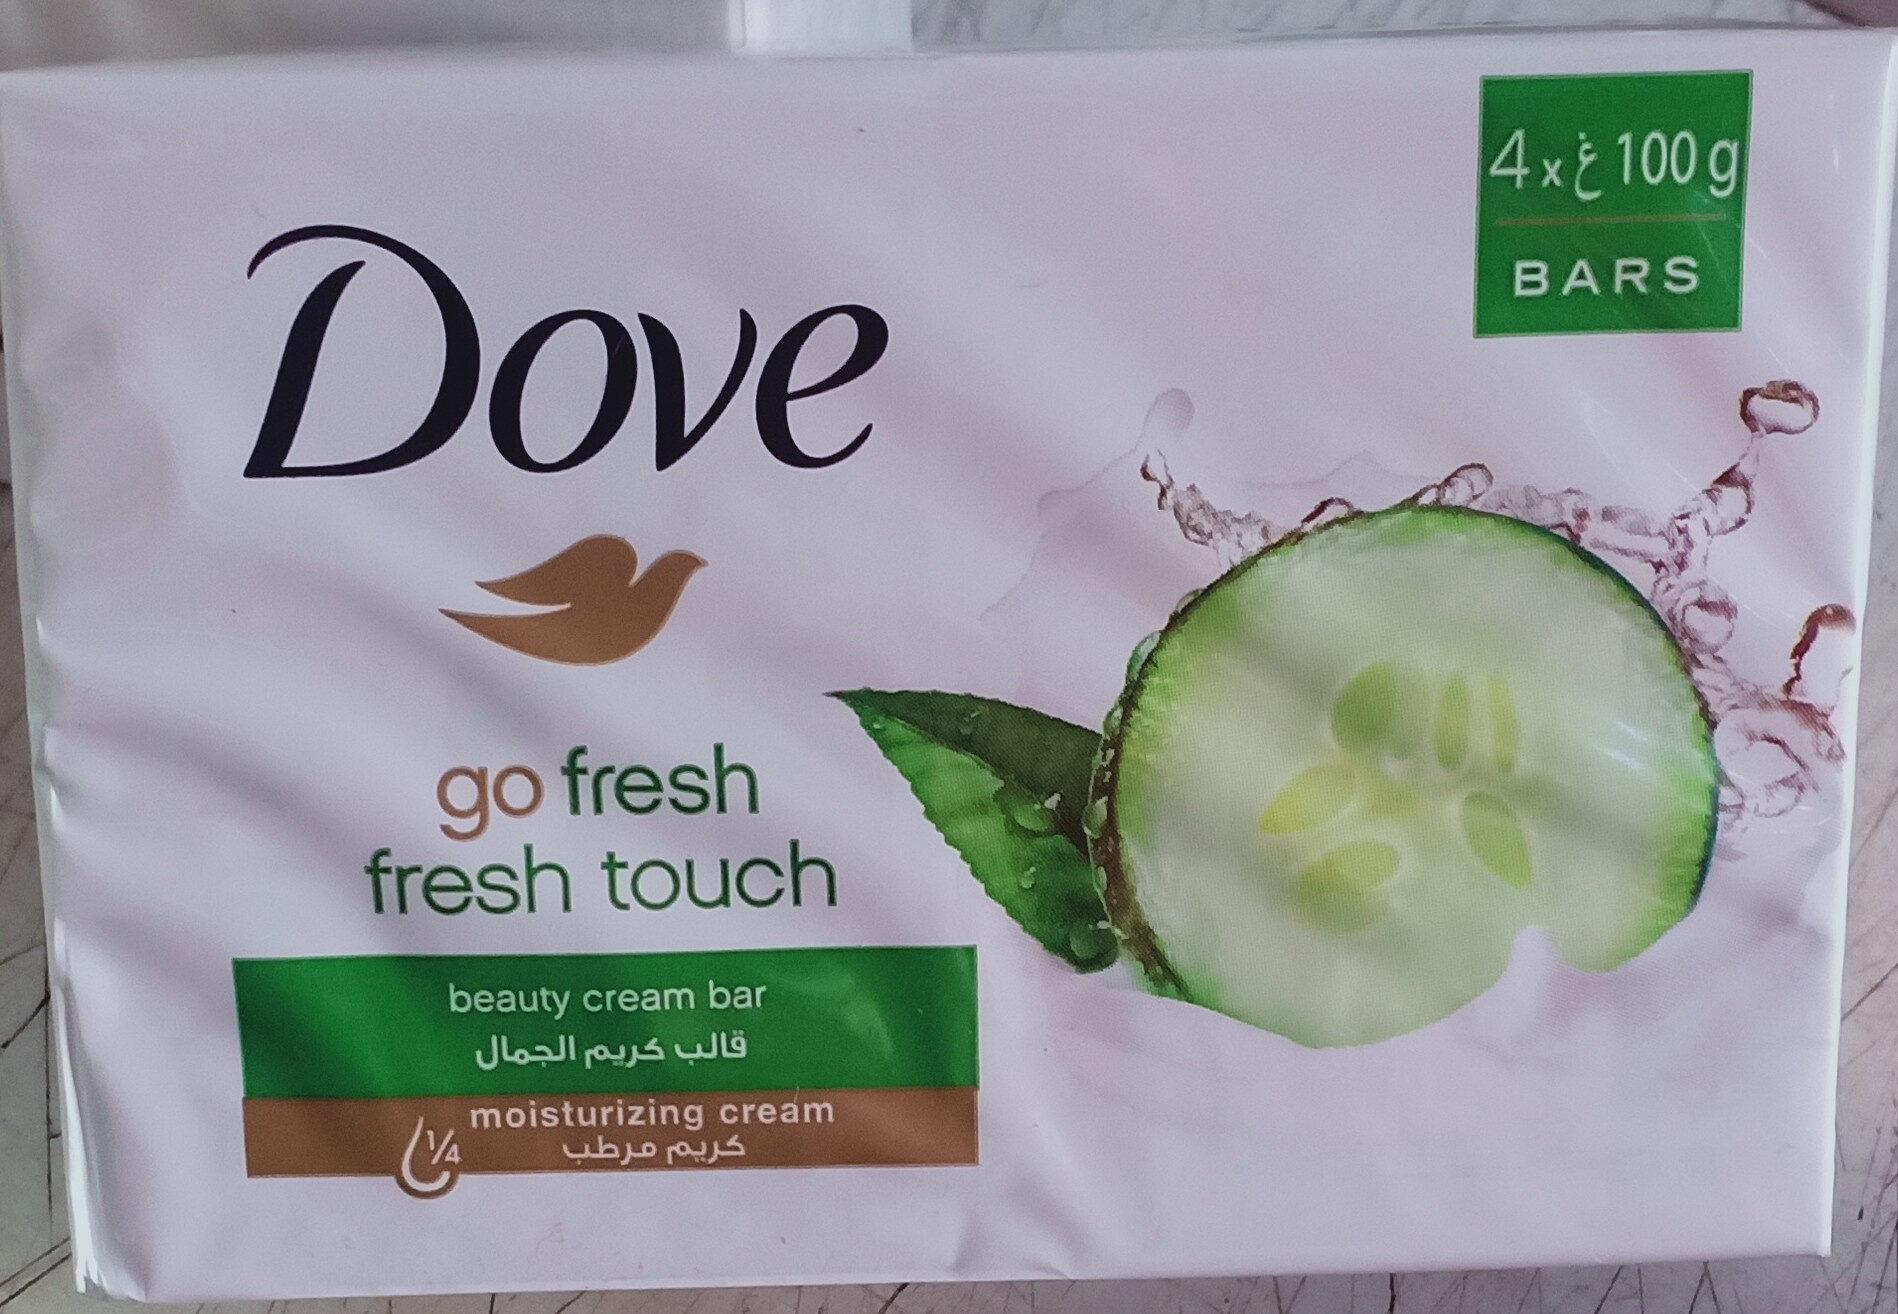 Go fresh / fresh touch - Product - fr